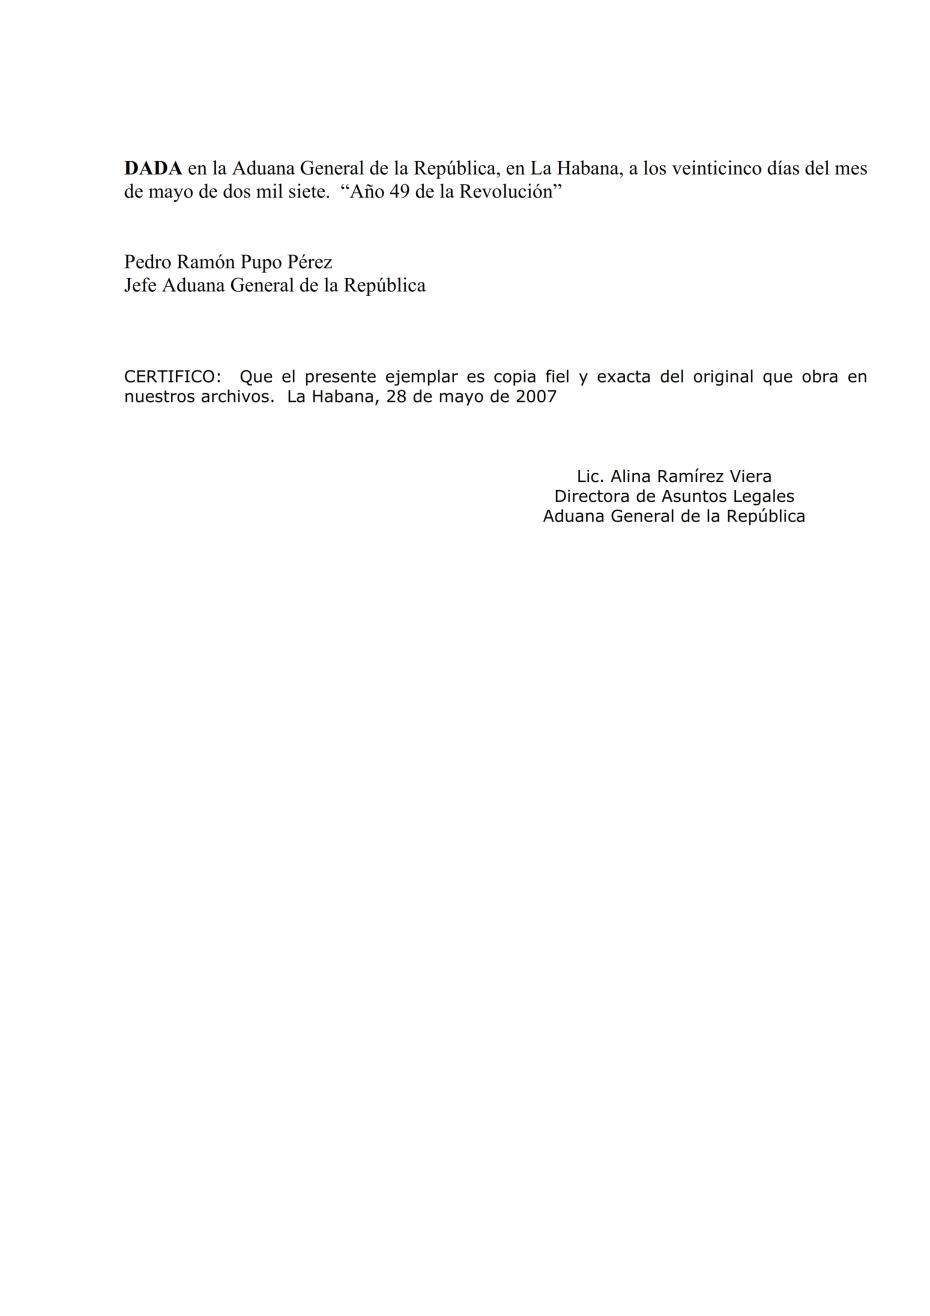 ADUANA-GENERAL-DE-LA-REPUBLICA-RESOLUCION-NO-112007_003